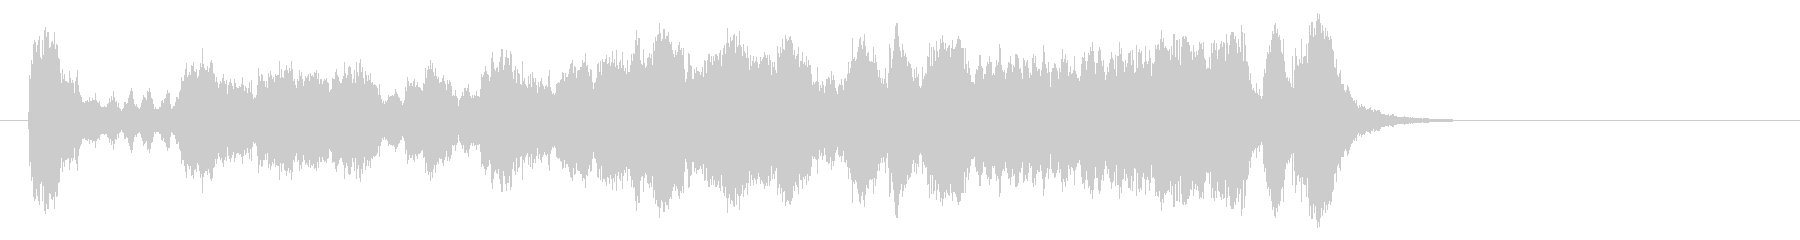 気品高いオーケストラ楽曲(イントロ)の未再生の波形